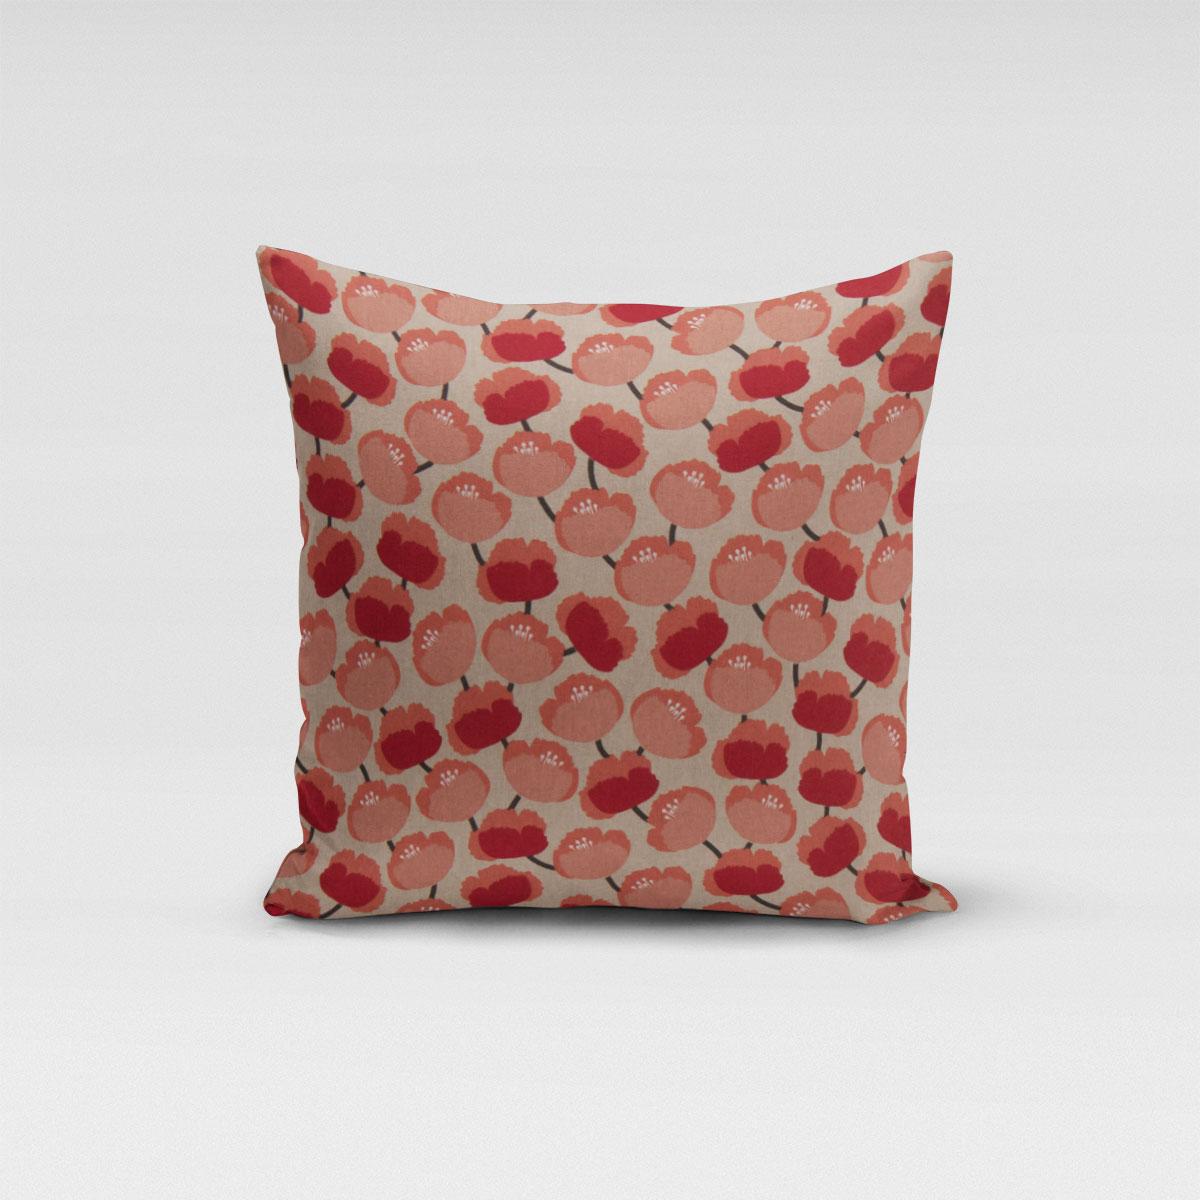 SCHÖNER LEBEN. Kissenhülle Pfingstrosen abstrakt natur rot koralle verschiedene Größen